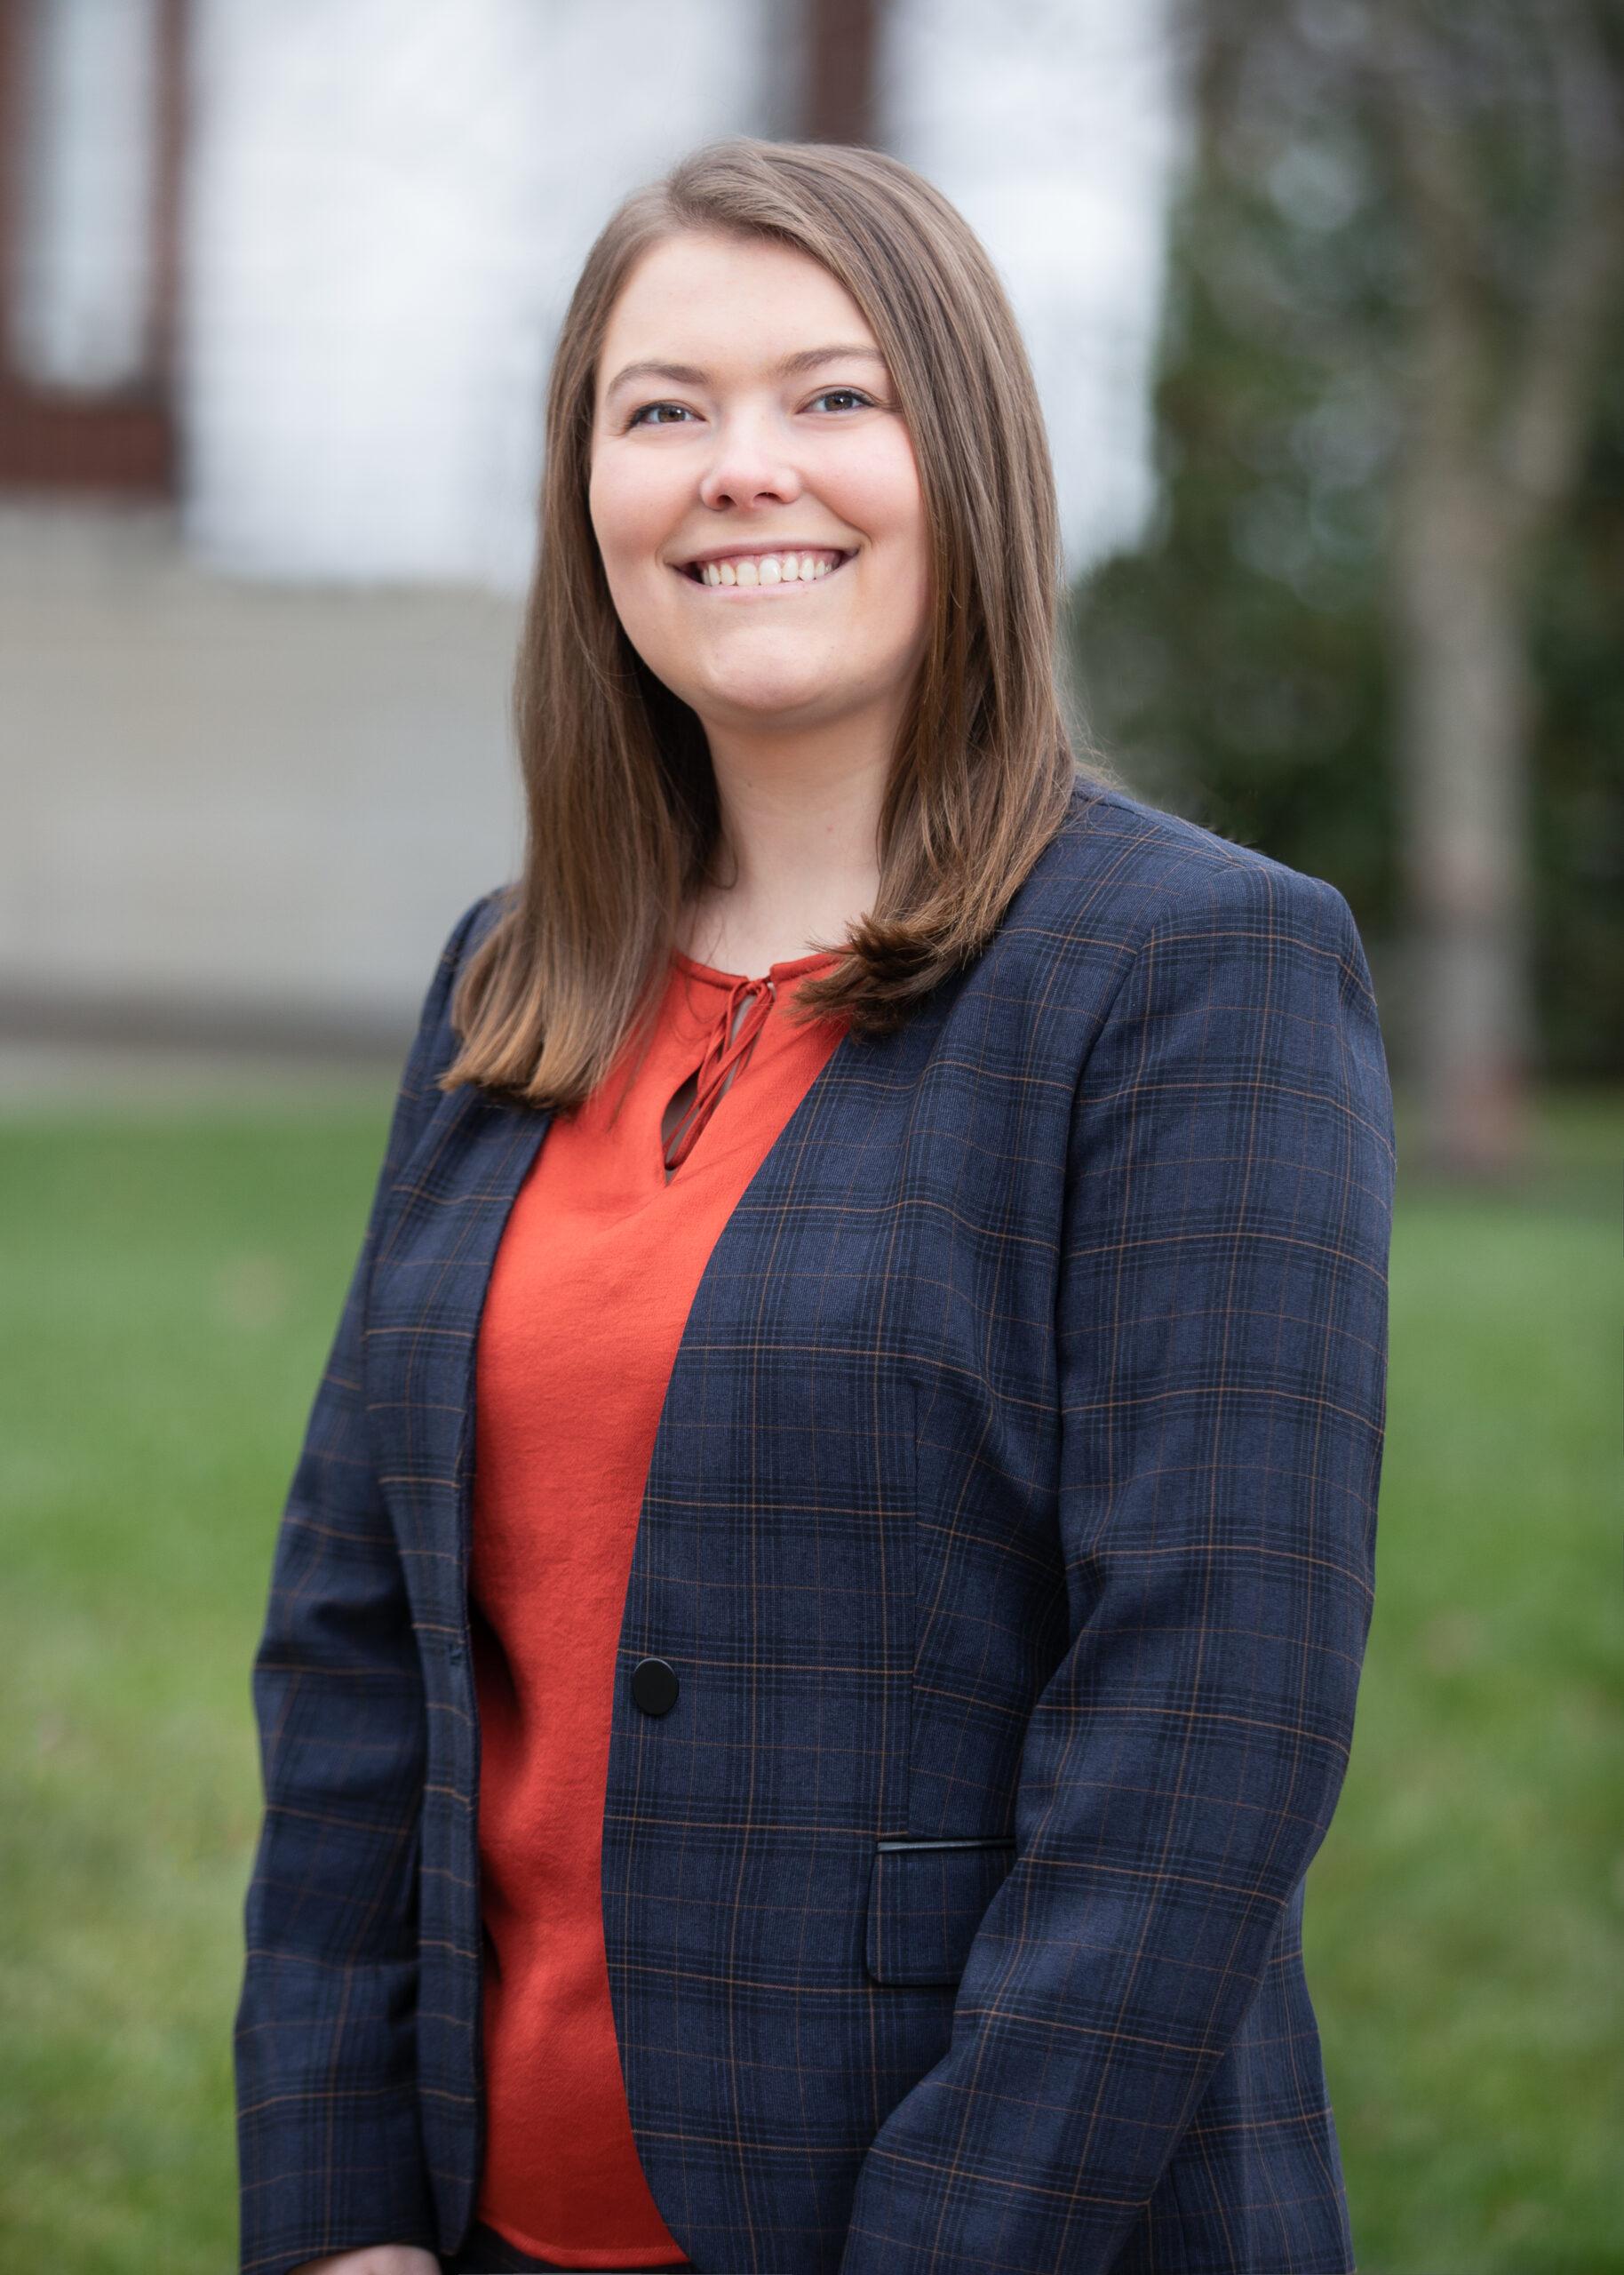 Ashley E. Machamer Profile Picture on Martson Law Website